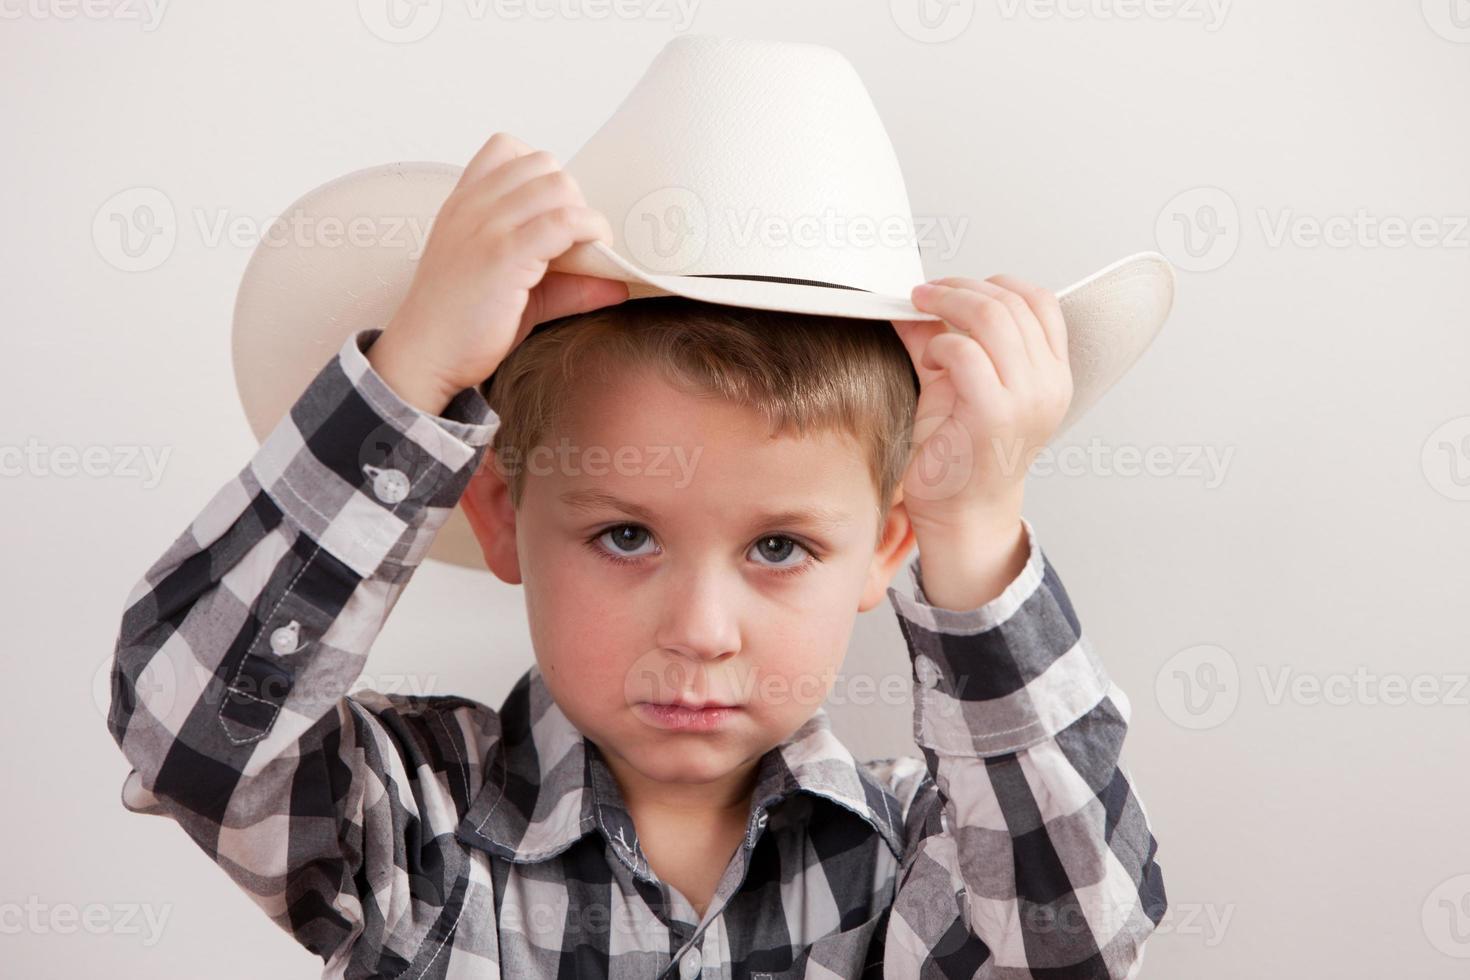 echte Menschen: ernsthafte Cowboy kleine Junge kaukasische Kopf Schultern foto